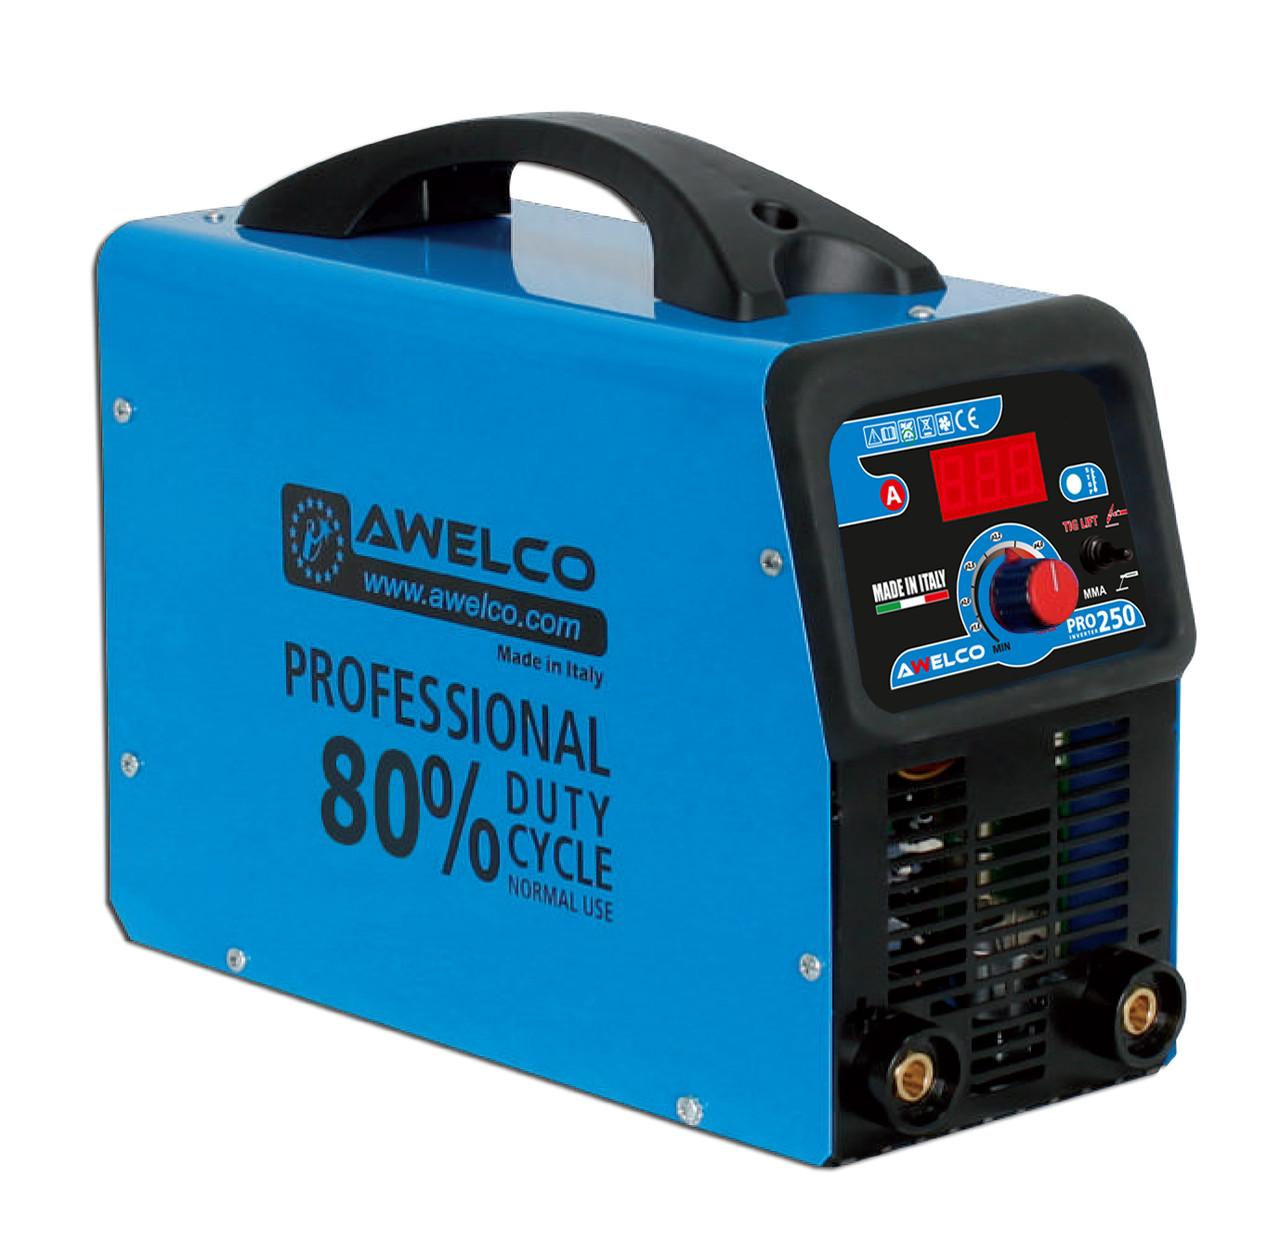 Сварочный инвертор PRO 250 с цифровым дисплеем